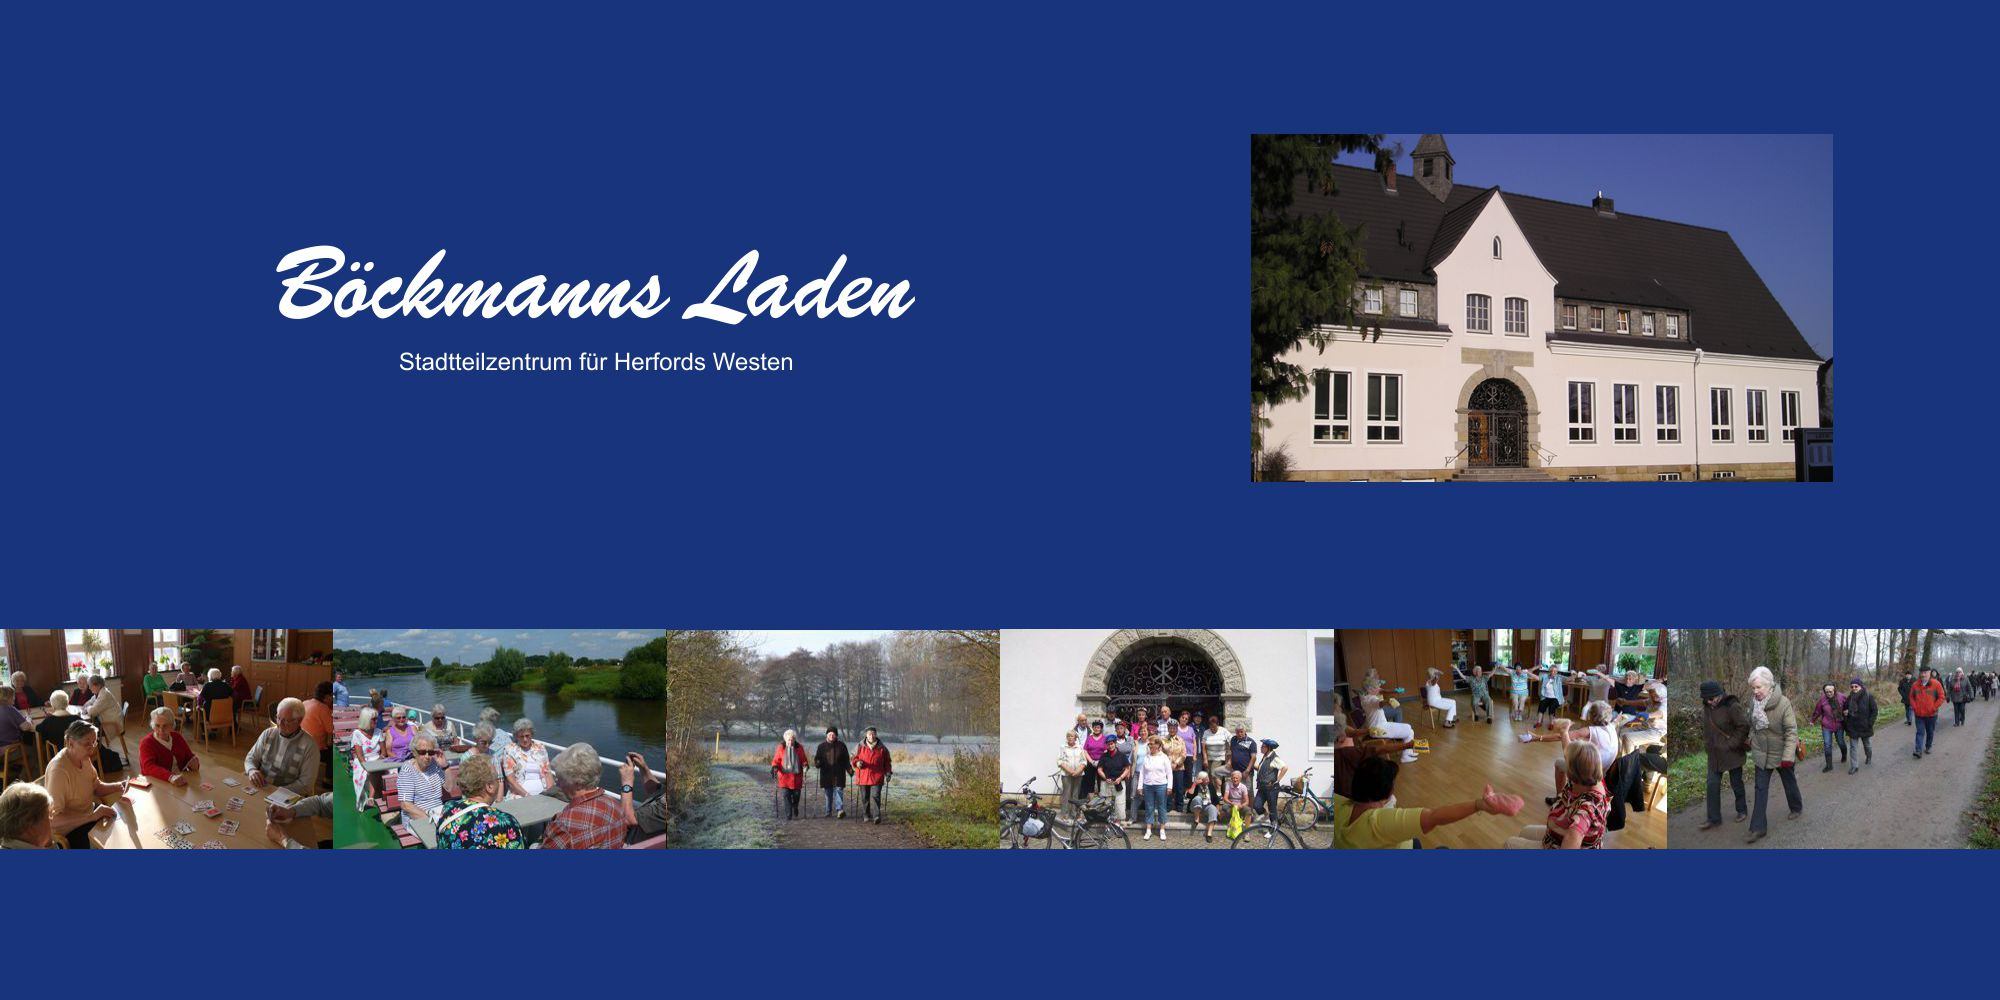 Böckmanns Laden